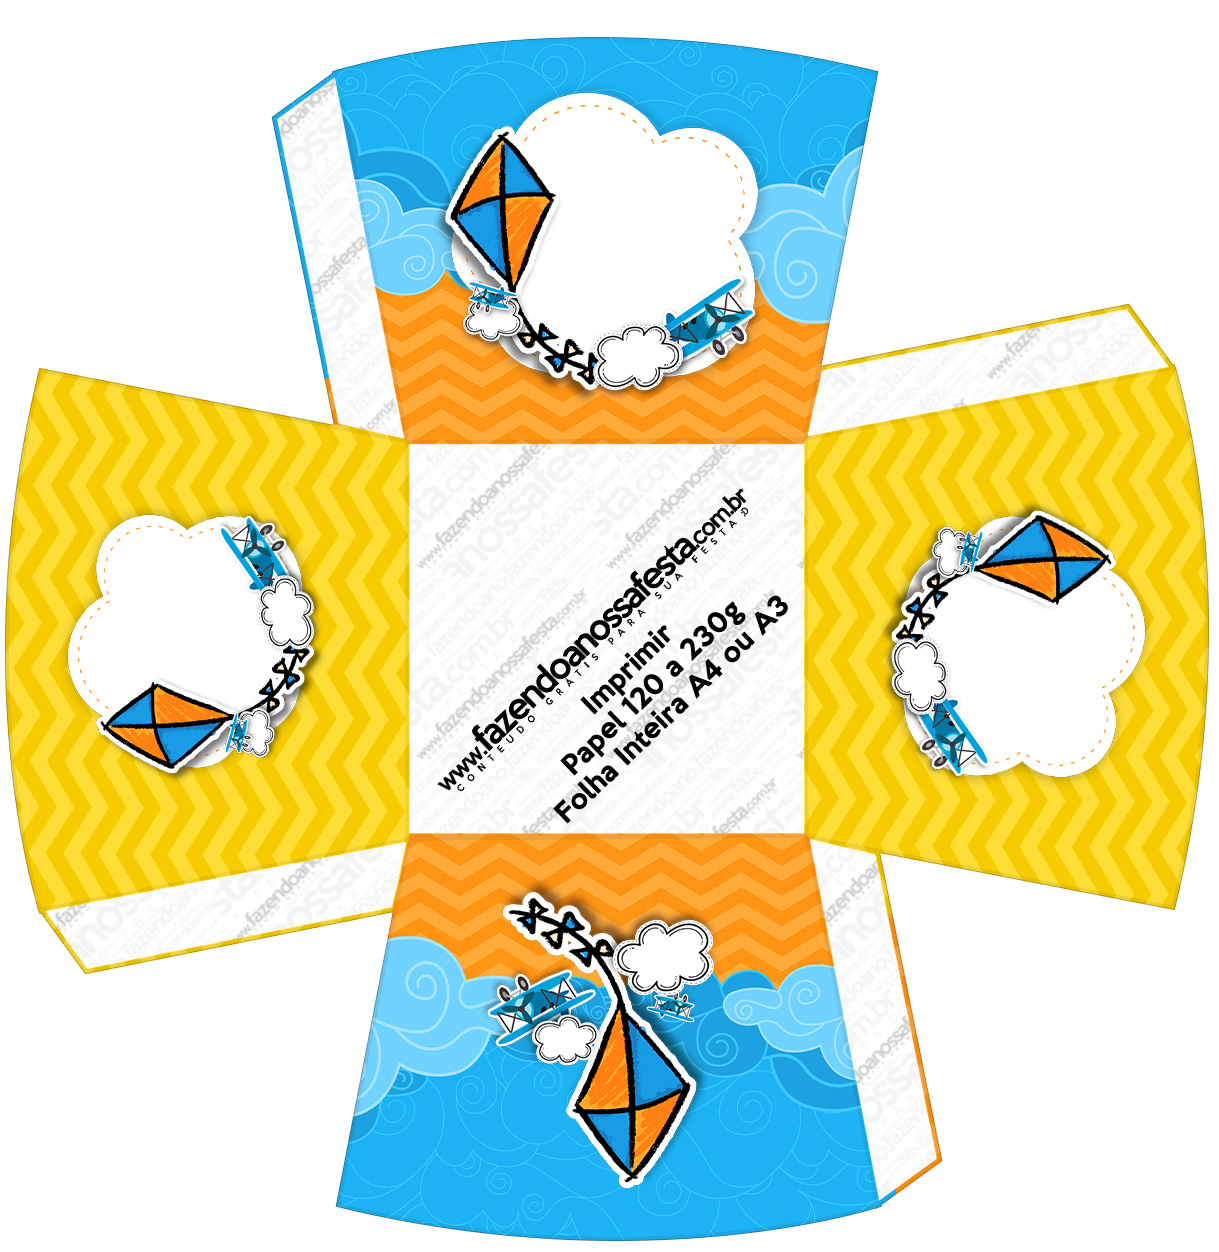 Chachepot Pipa Laranja e Azul Chachepot Pipa Laranja e Azul Kit Festa